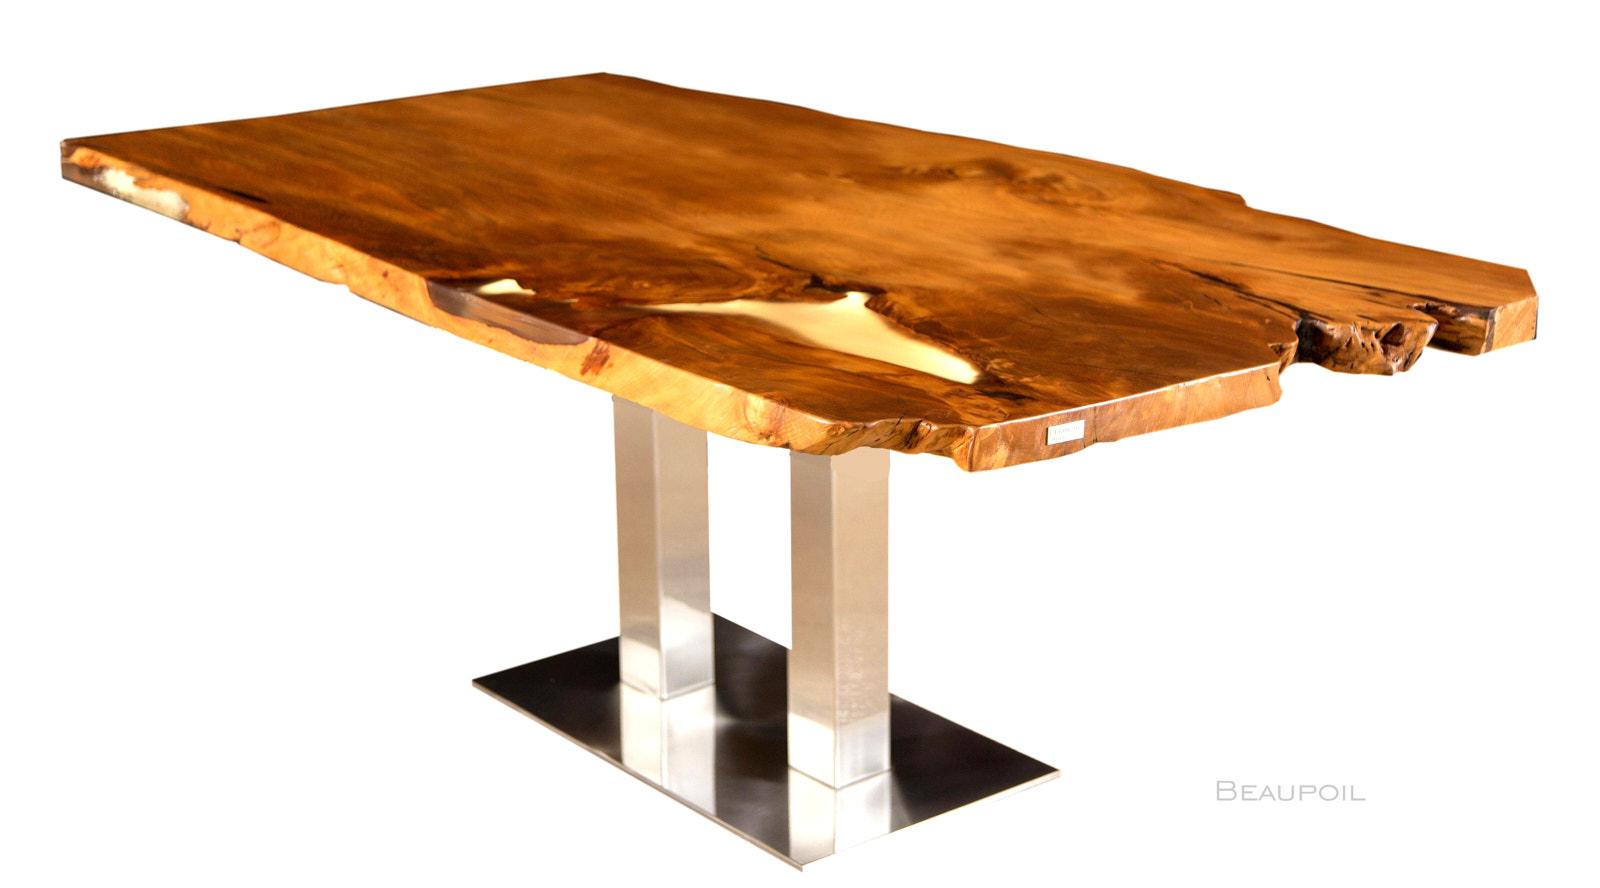 Beispielloser Kauri Holztisch mit Durchleuchtung der markanten Harzfüllung, einzigartiges Kunstwerk der Natur mit Wurzelanteil, unverleimte Esstisch Naturholz Tischplatte